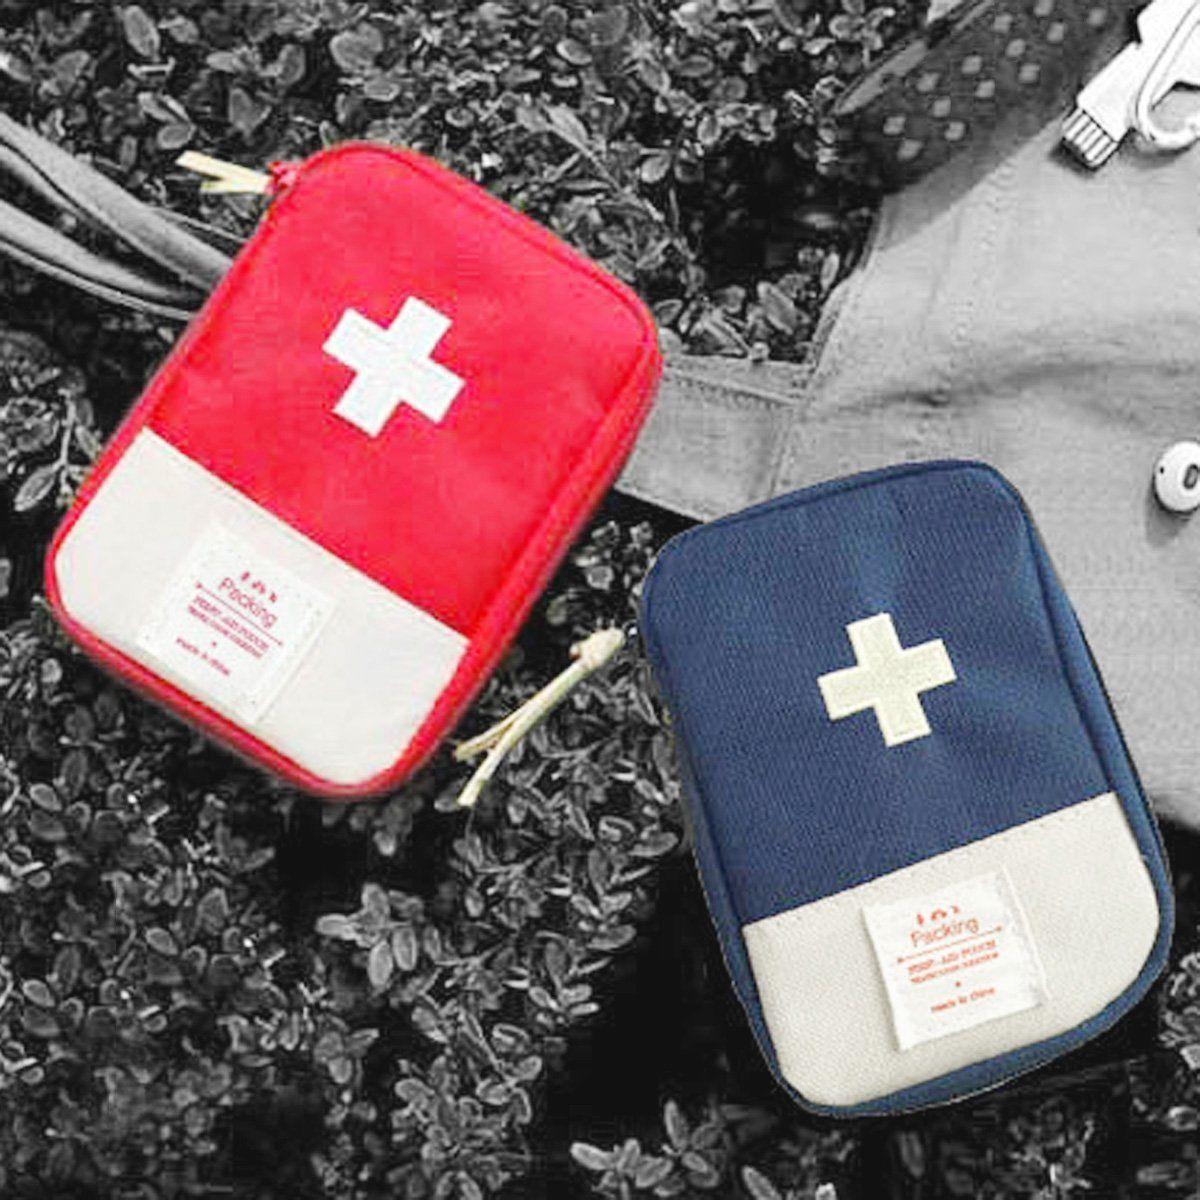 100% Wahr Reisetaschen Frauen Männer First Aid Kit Überleben Medizinische Tasche Behandlung Fall Rettungs Einfach Zu Reparieren